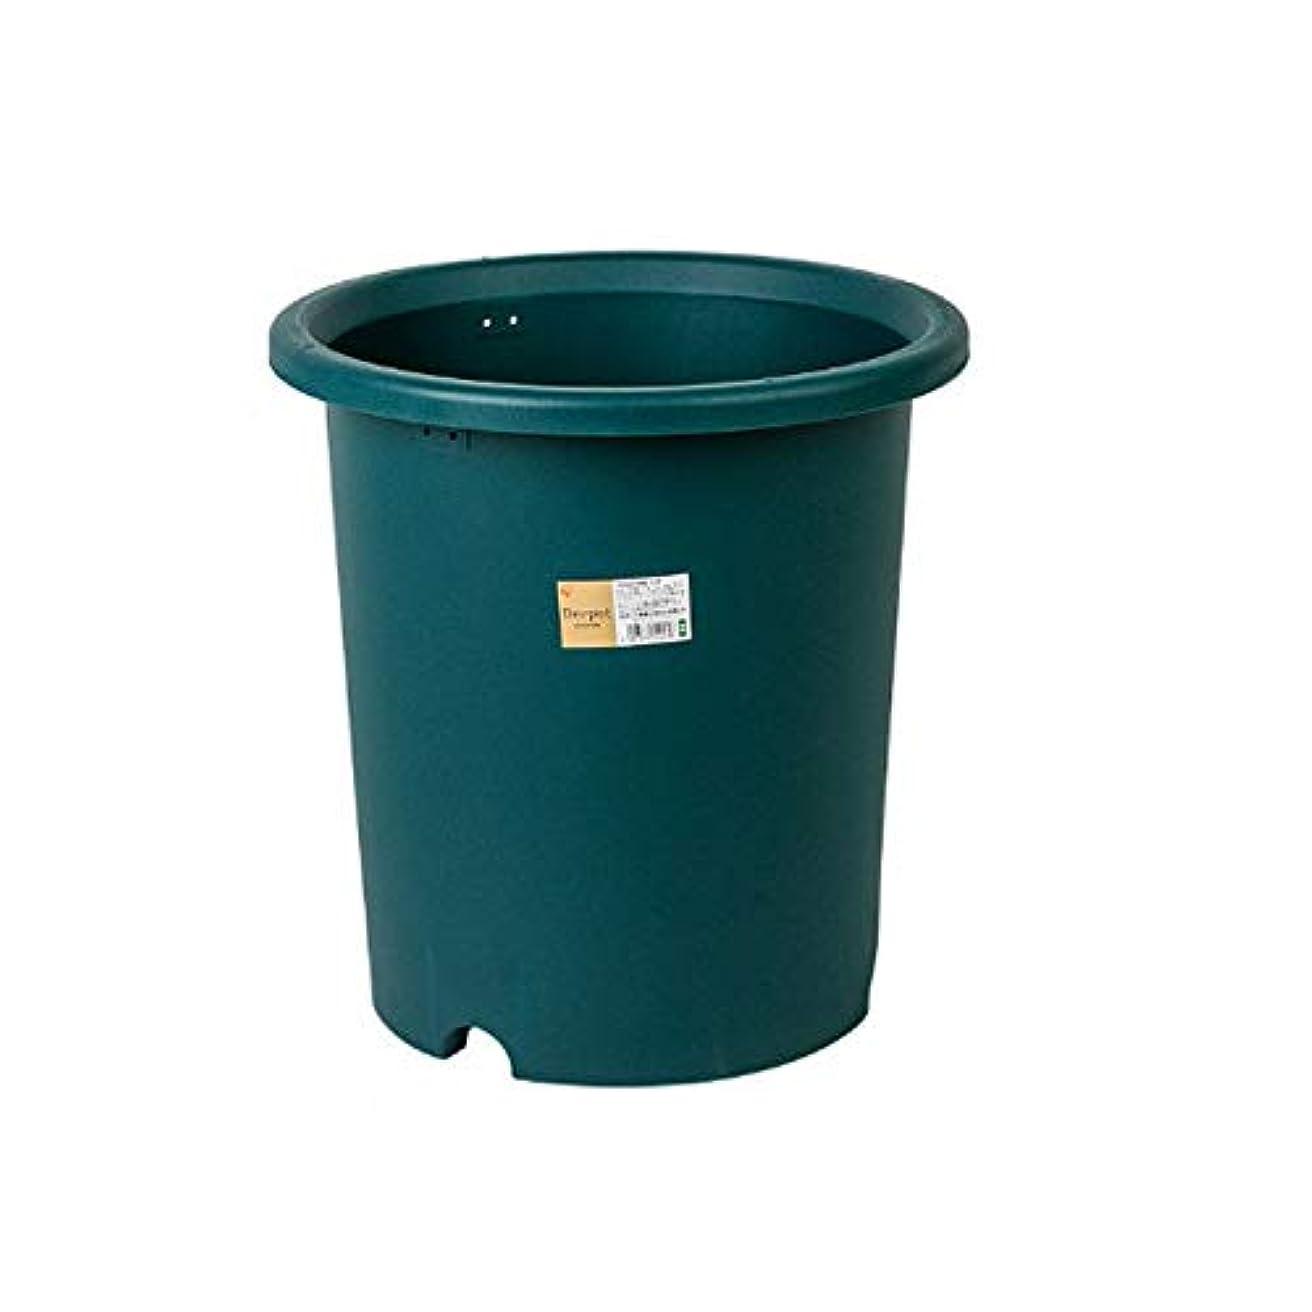 有毒パンツ第二植物皿 ヨーロピアンスタイルのプラスチックフラワーポットバルコニーガーデン換気所の植栽ポットサボテン植物保全フラワーポット ソーサー (サイズ : M)